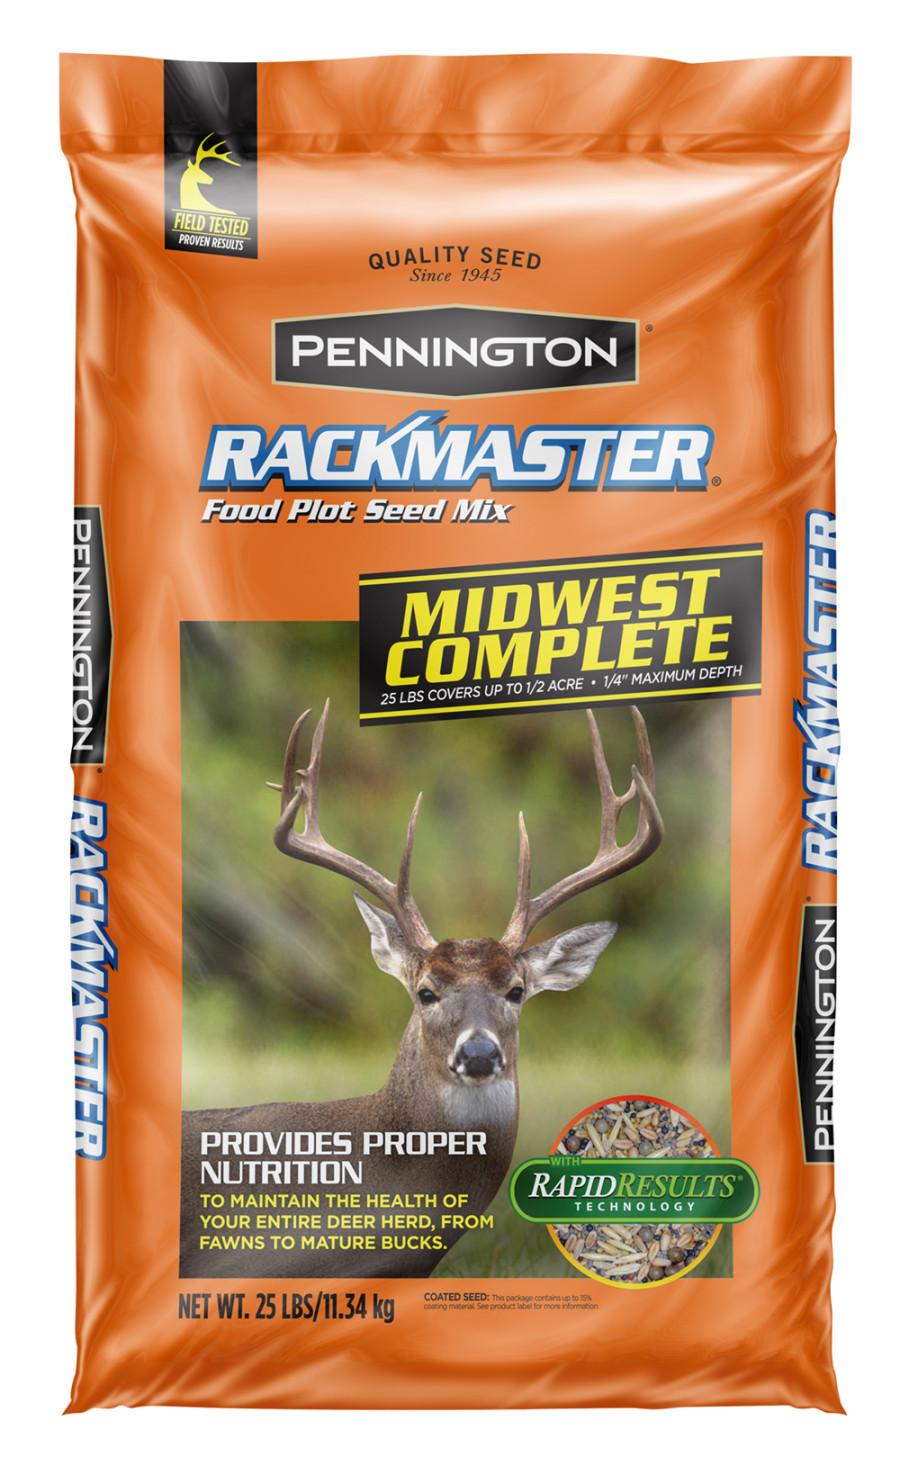 Pennington Rackmaster Midwest Complete Food Plot Seed Mix 50ea/25 lb